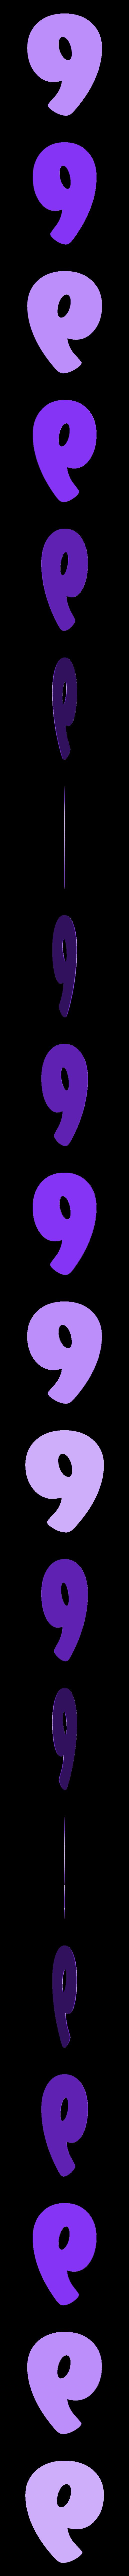 Number 9.stl Télécharger fichier STL Autocollants de bonne fête • Modèle pour impression 3D, abbymath